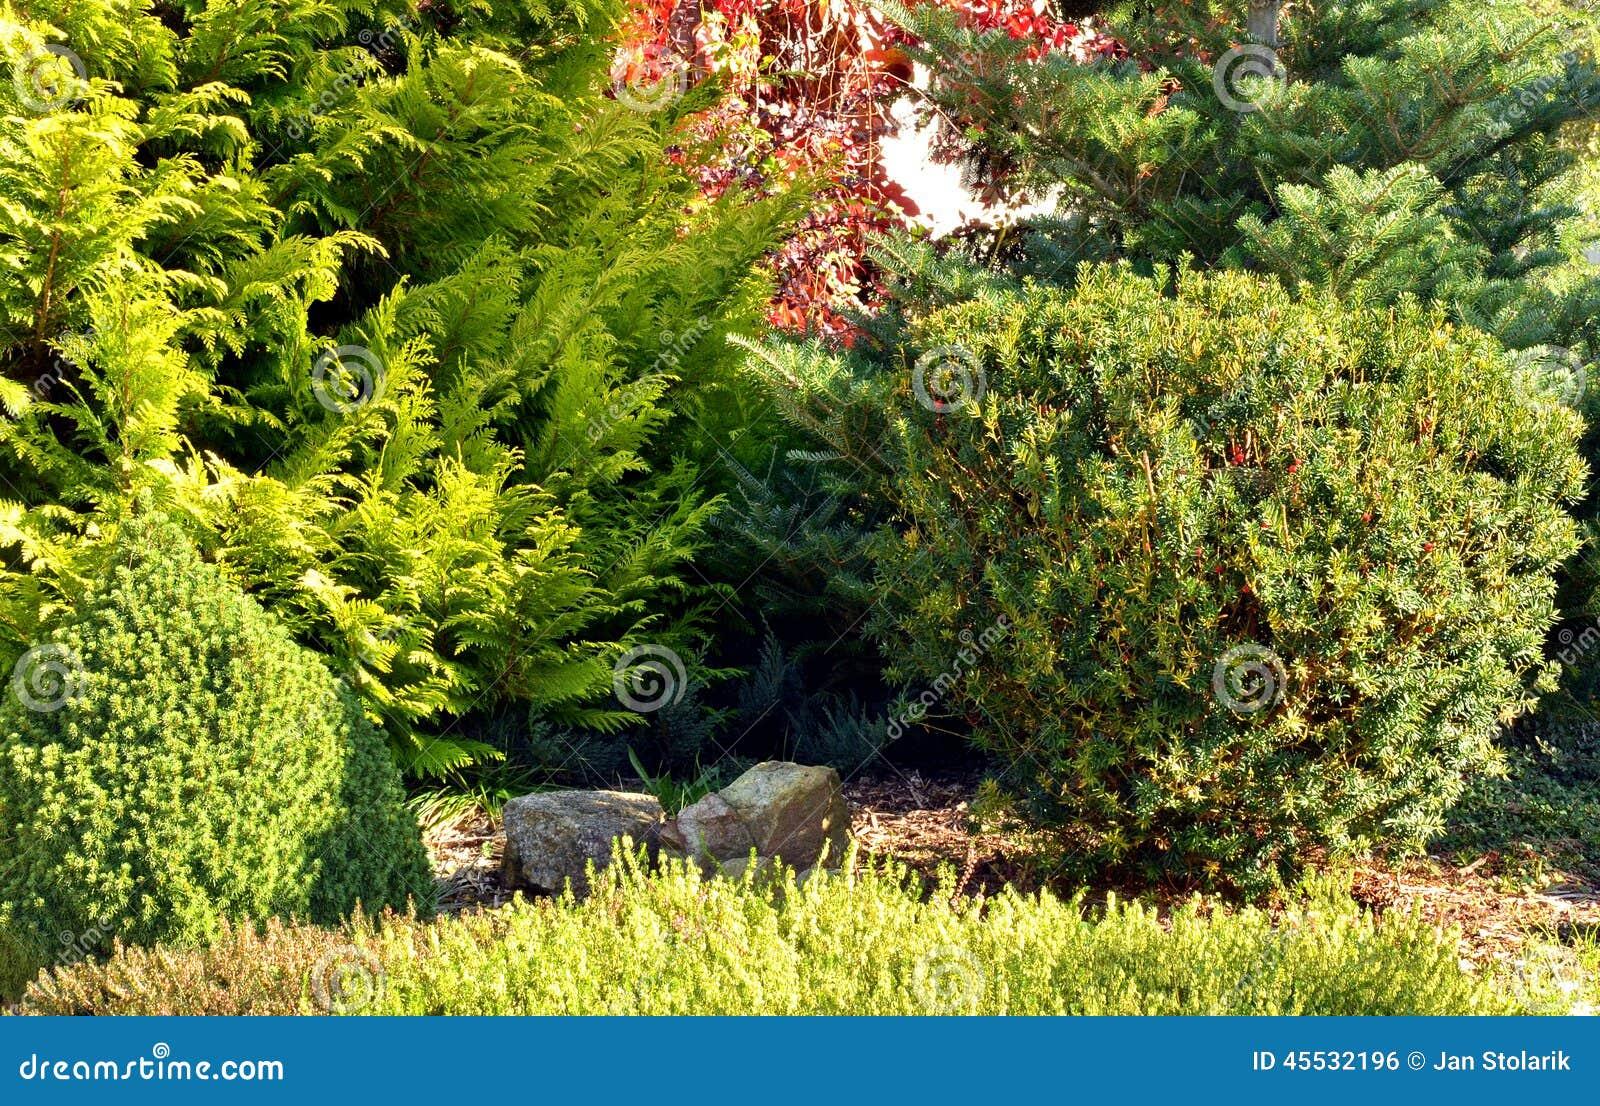 Jard n con los rboles y los arbustos foto de archivo - Jardin con arboles ...